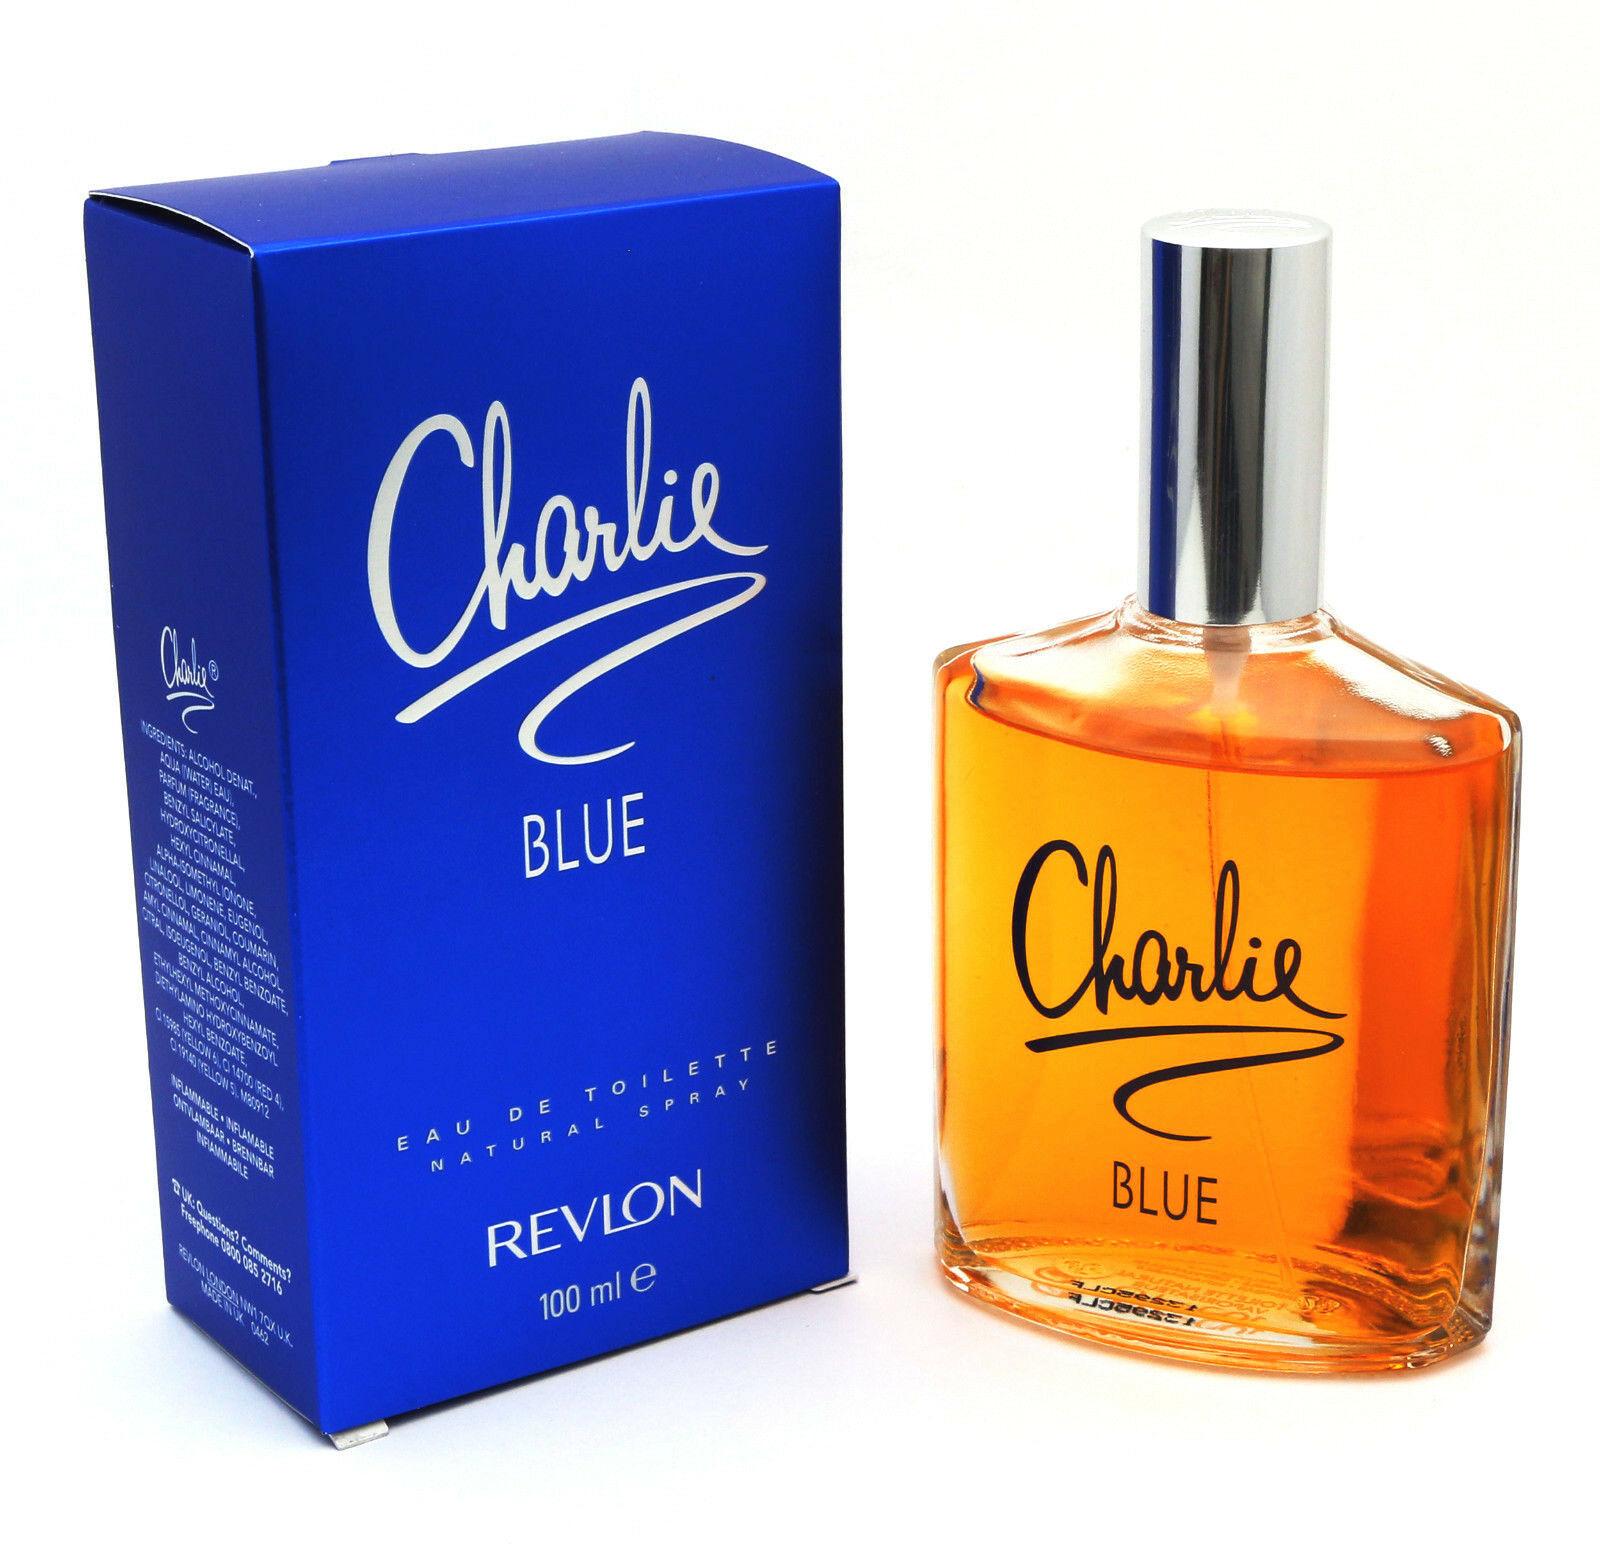 Revlon Charlie WHITE EDT for Women 100ml | Perfume Philippines